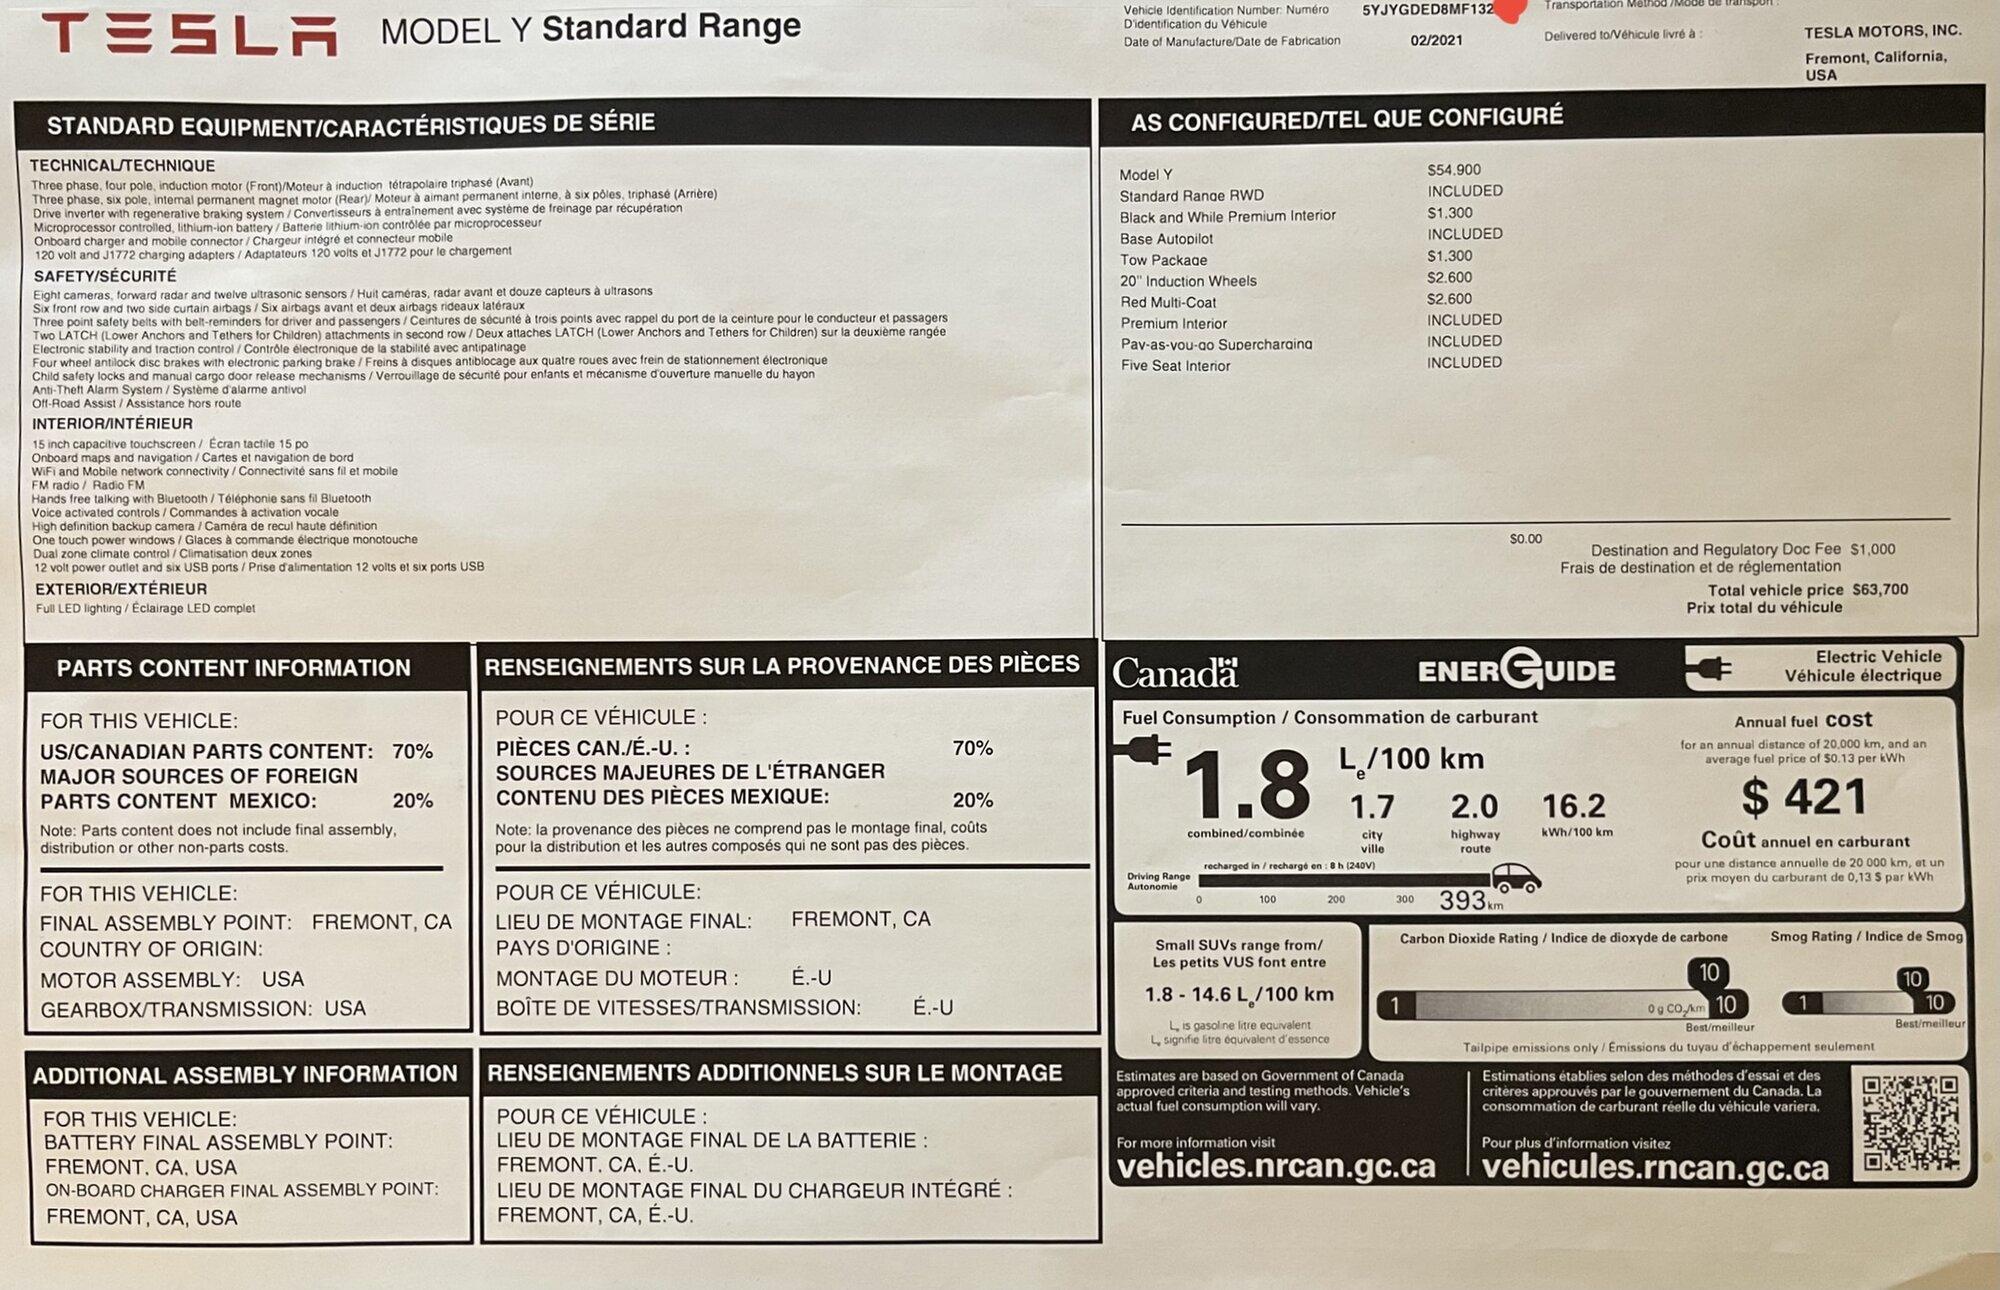 2899ABCB-3BEC-4D68-91F0-B4FD4C381798.jpeg